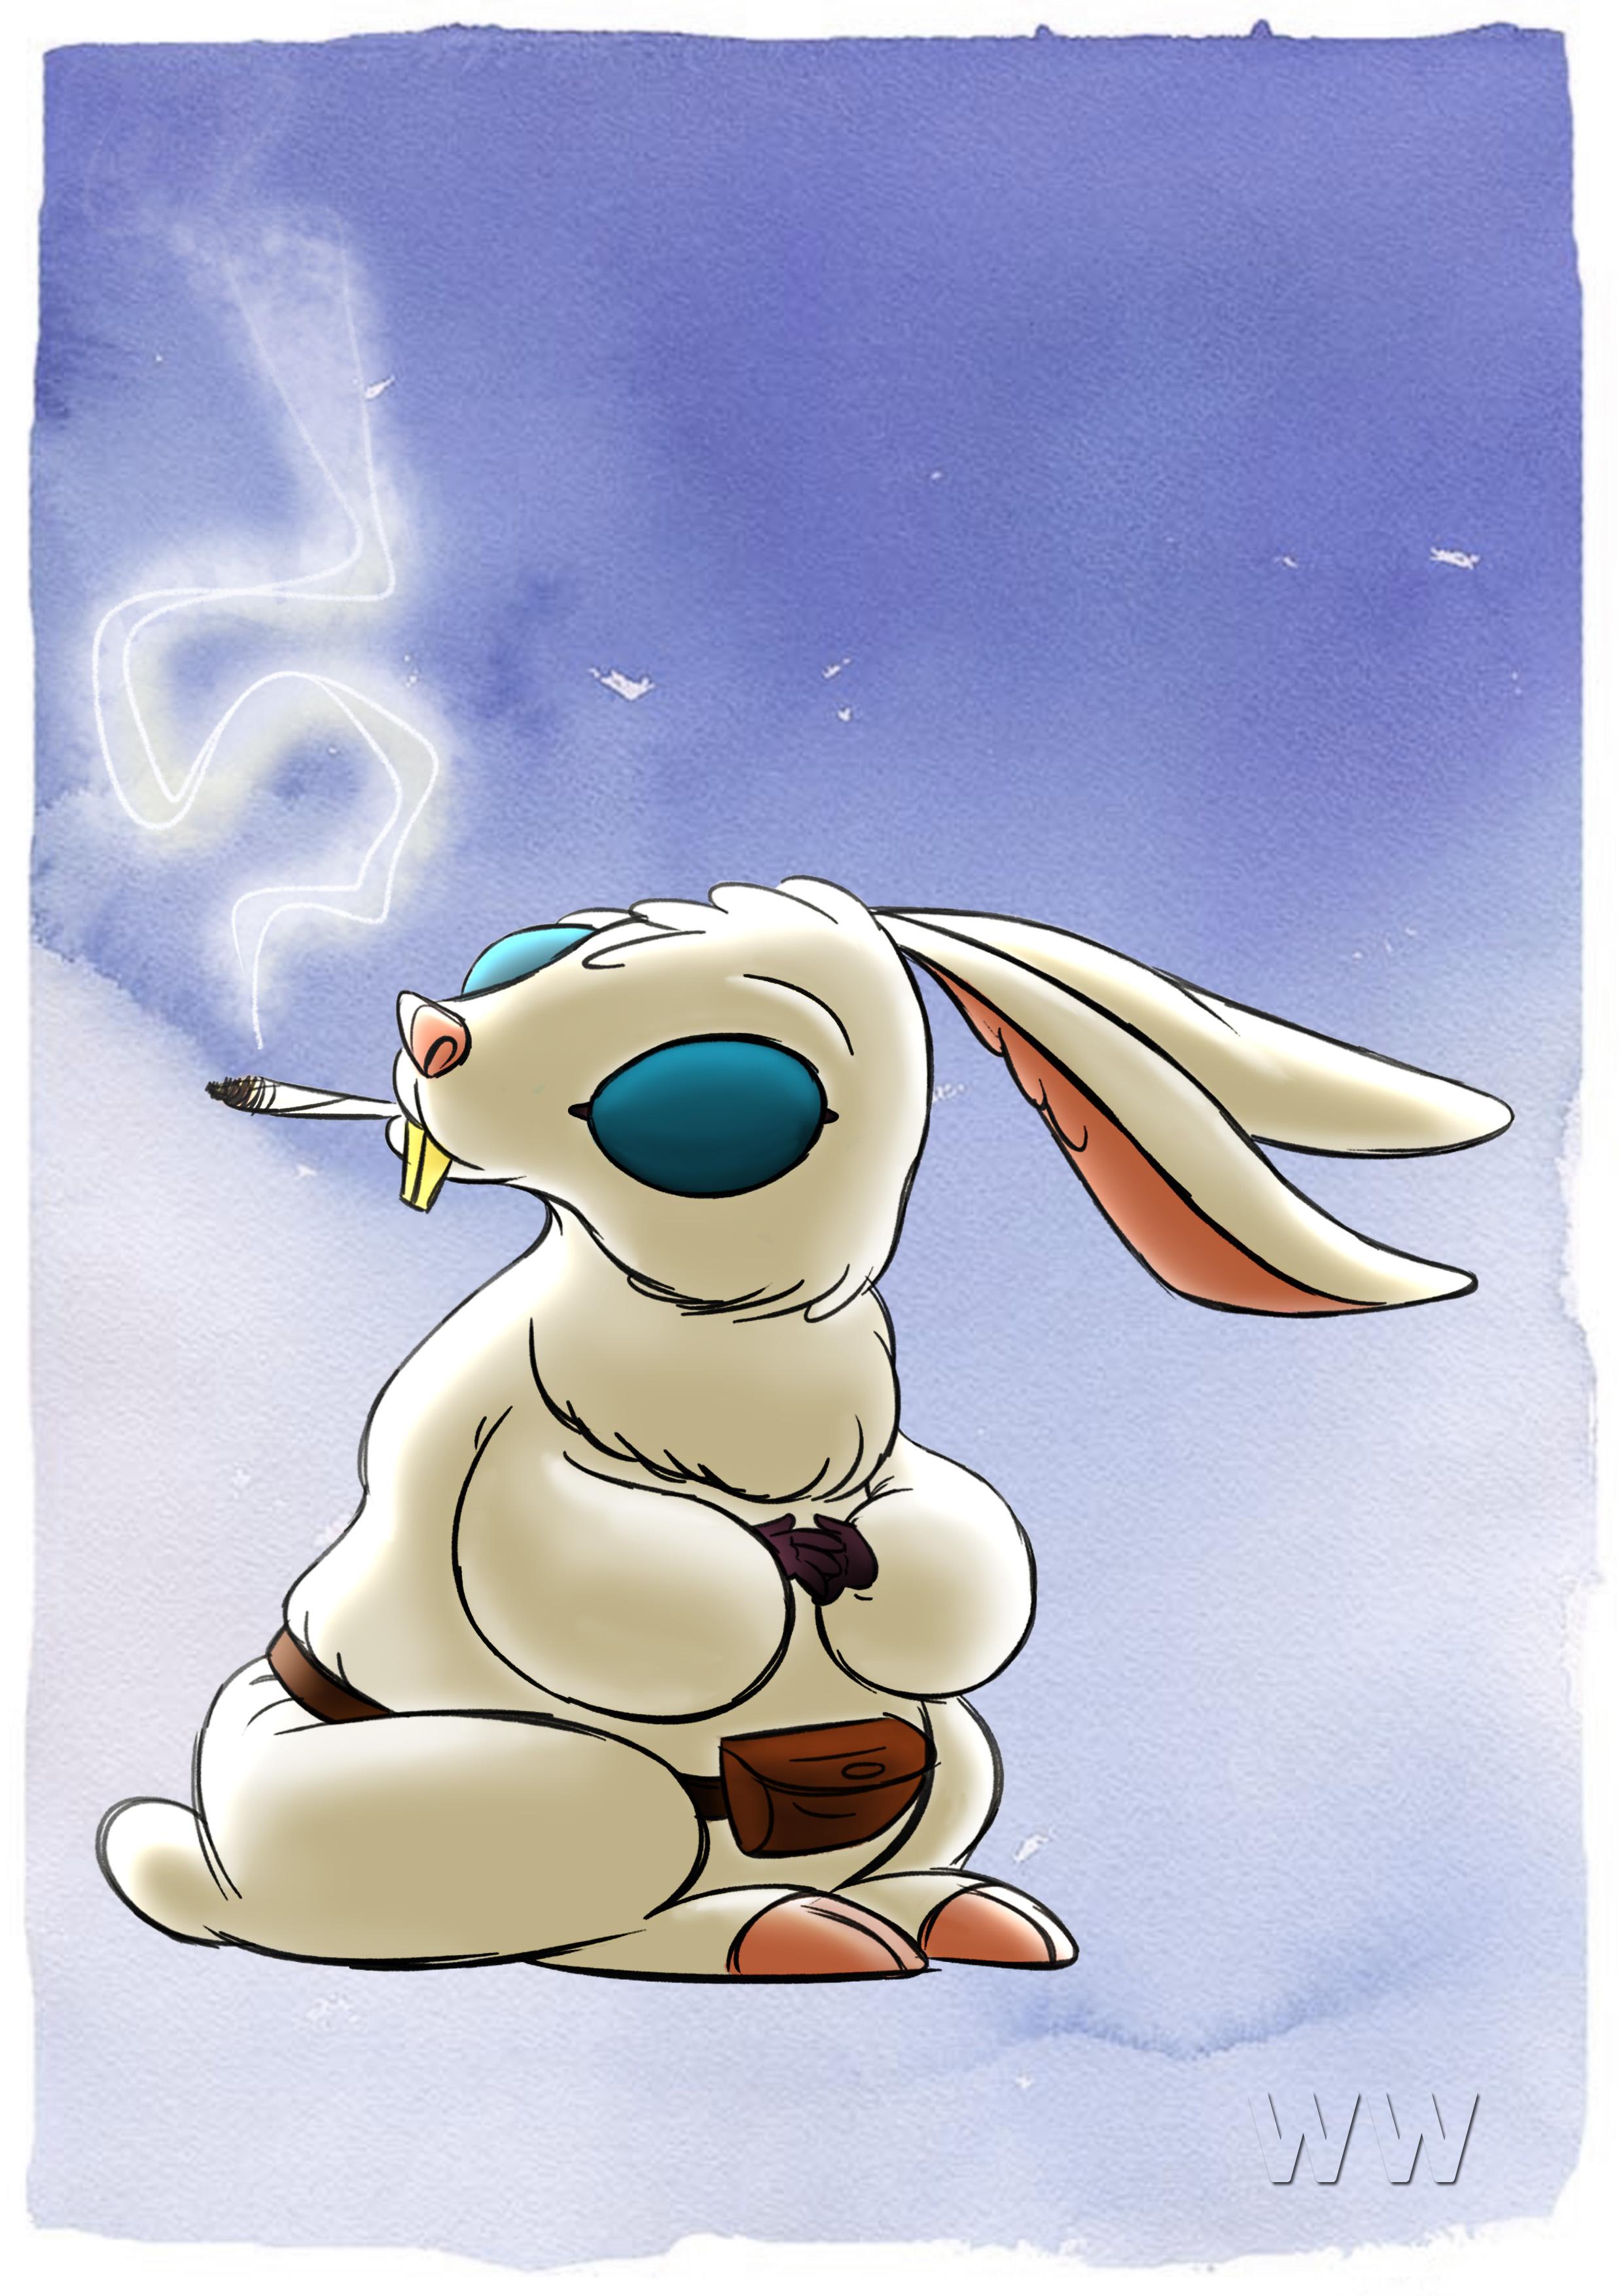 White Rabbit - Coloured.jpg